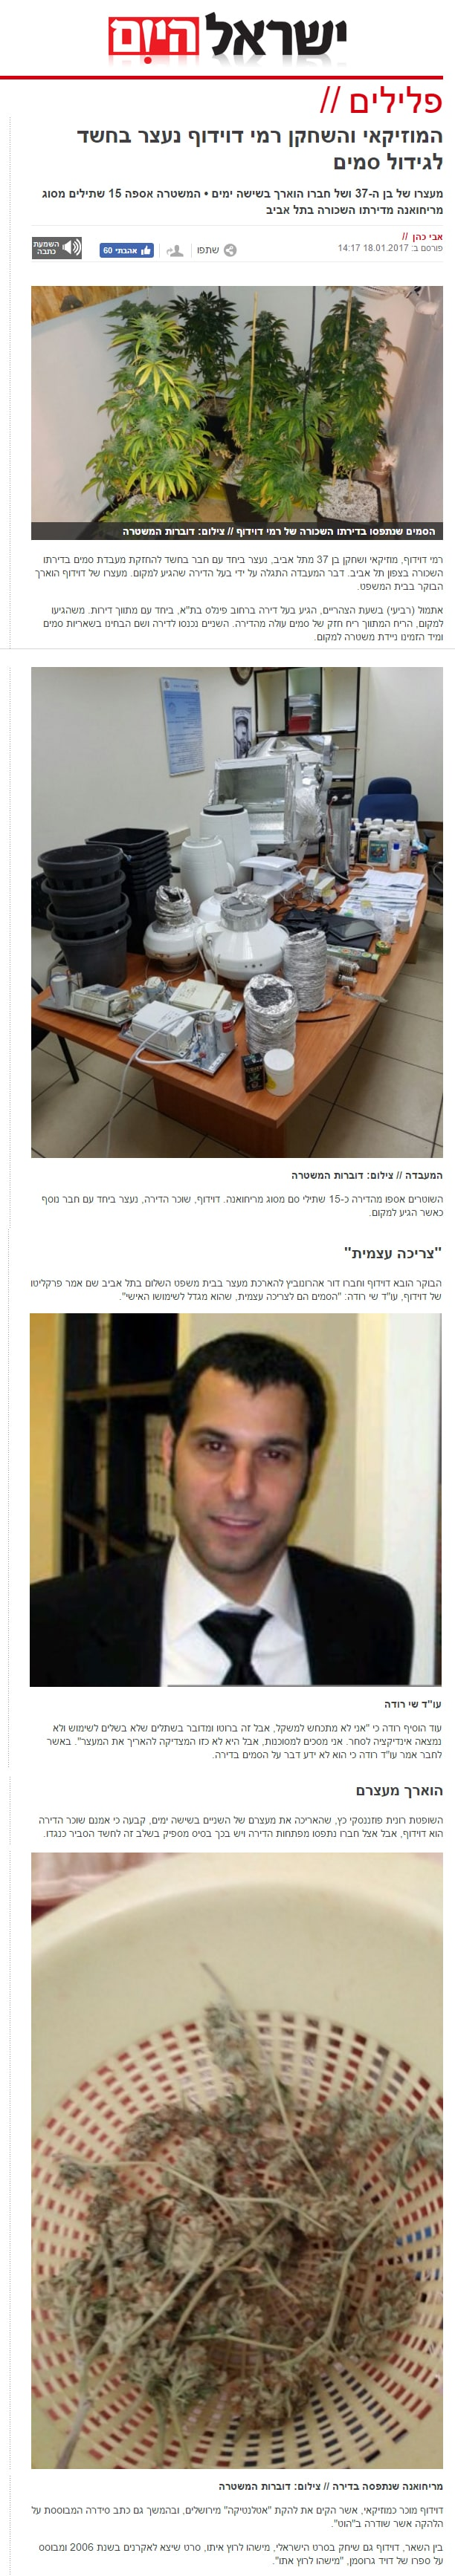 עו׳׳ד צבאי פלילי שי רודה ישראל היום